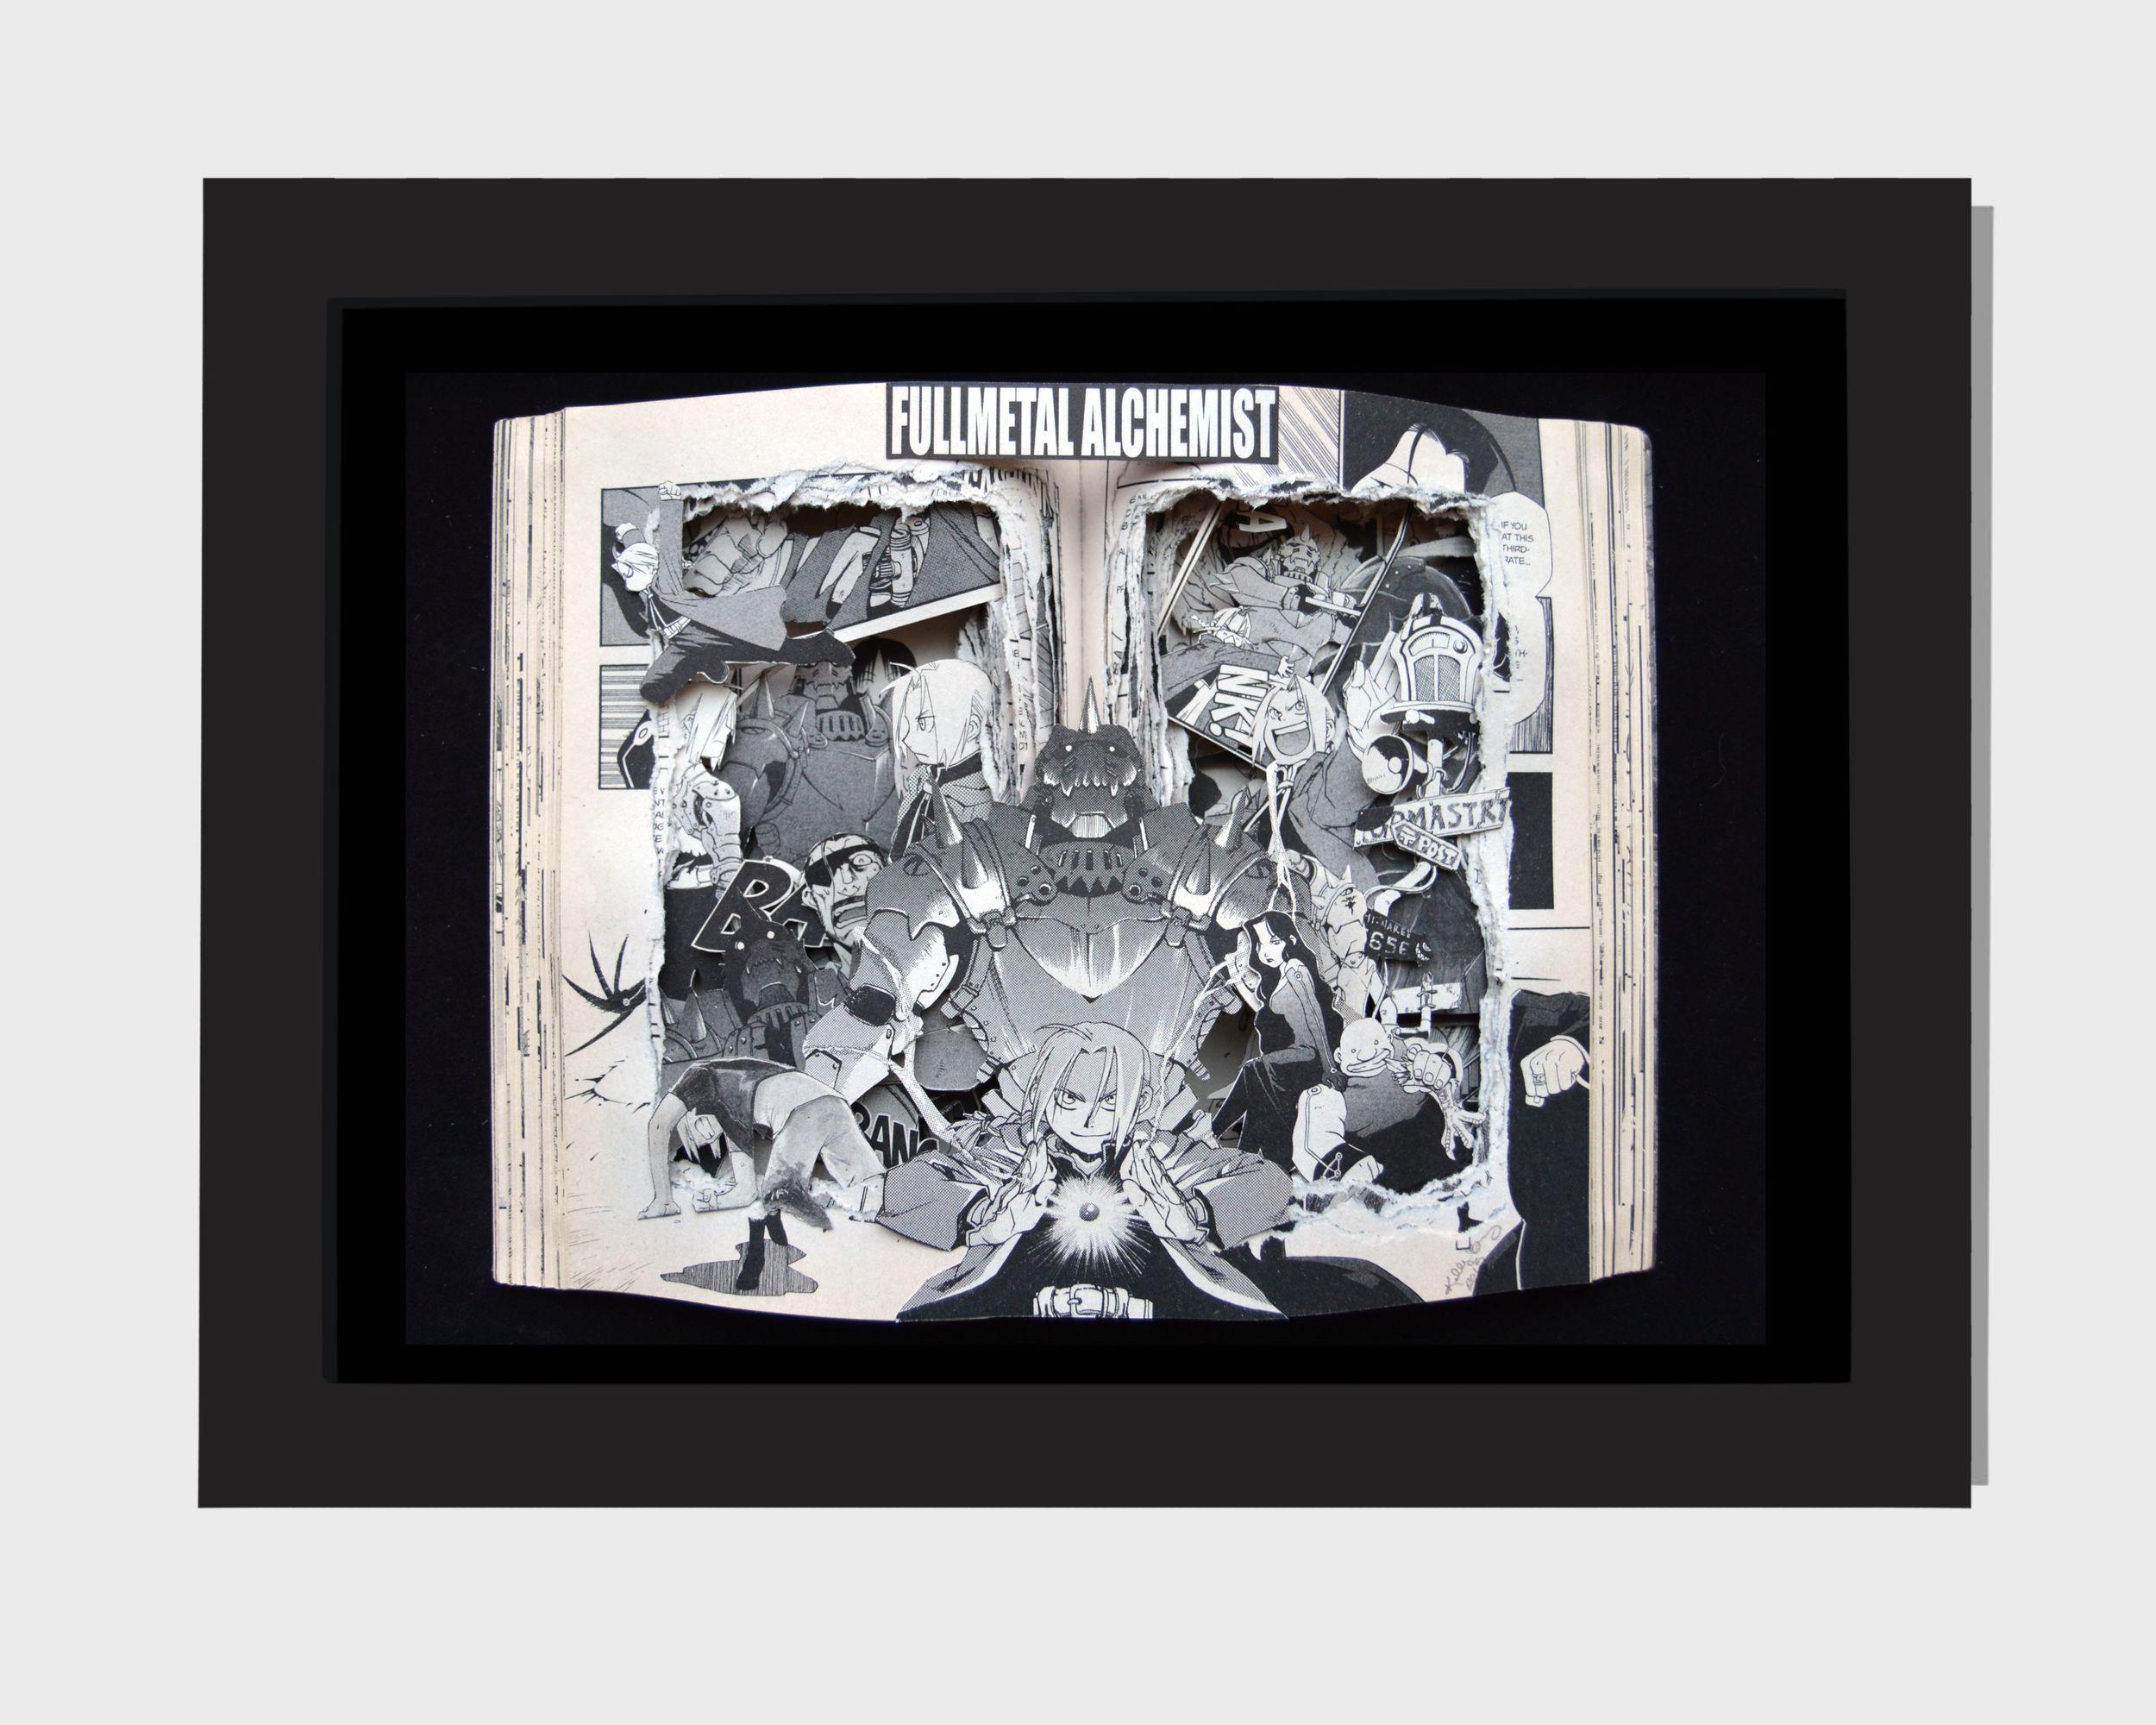 Fullmetal Alchemist - Manga Book Sculpture 9x11x3